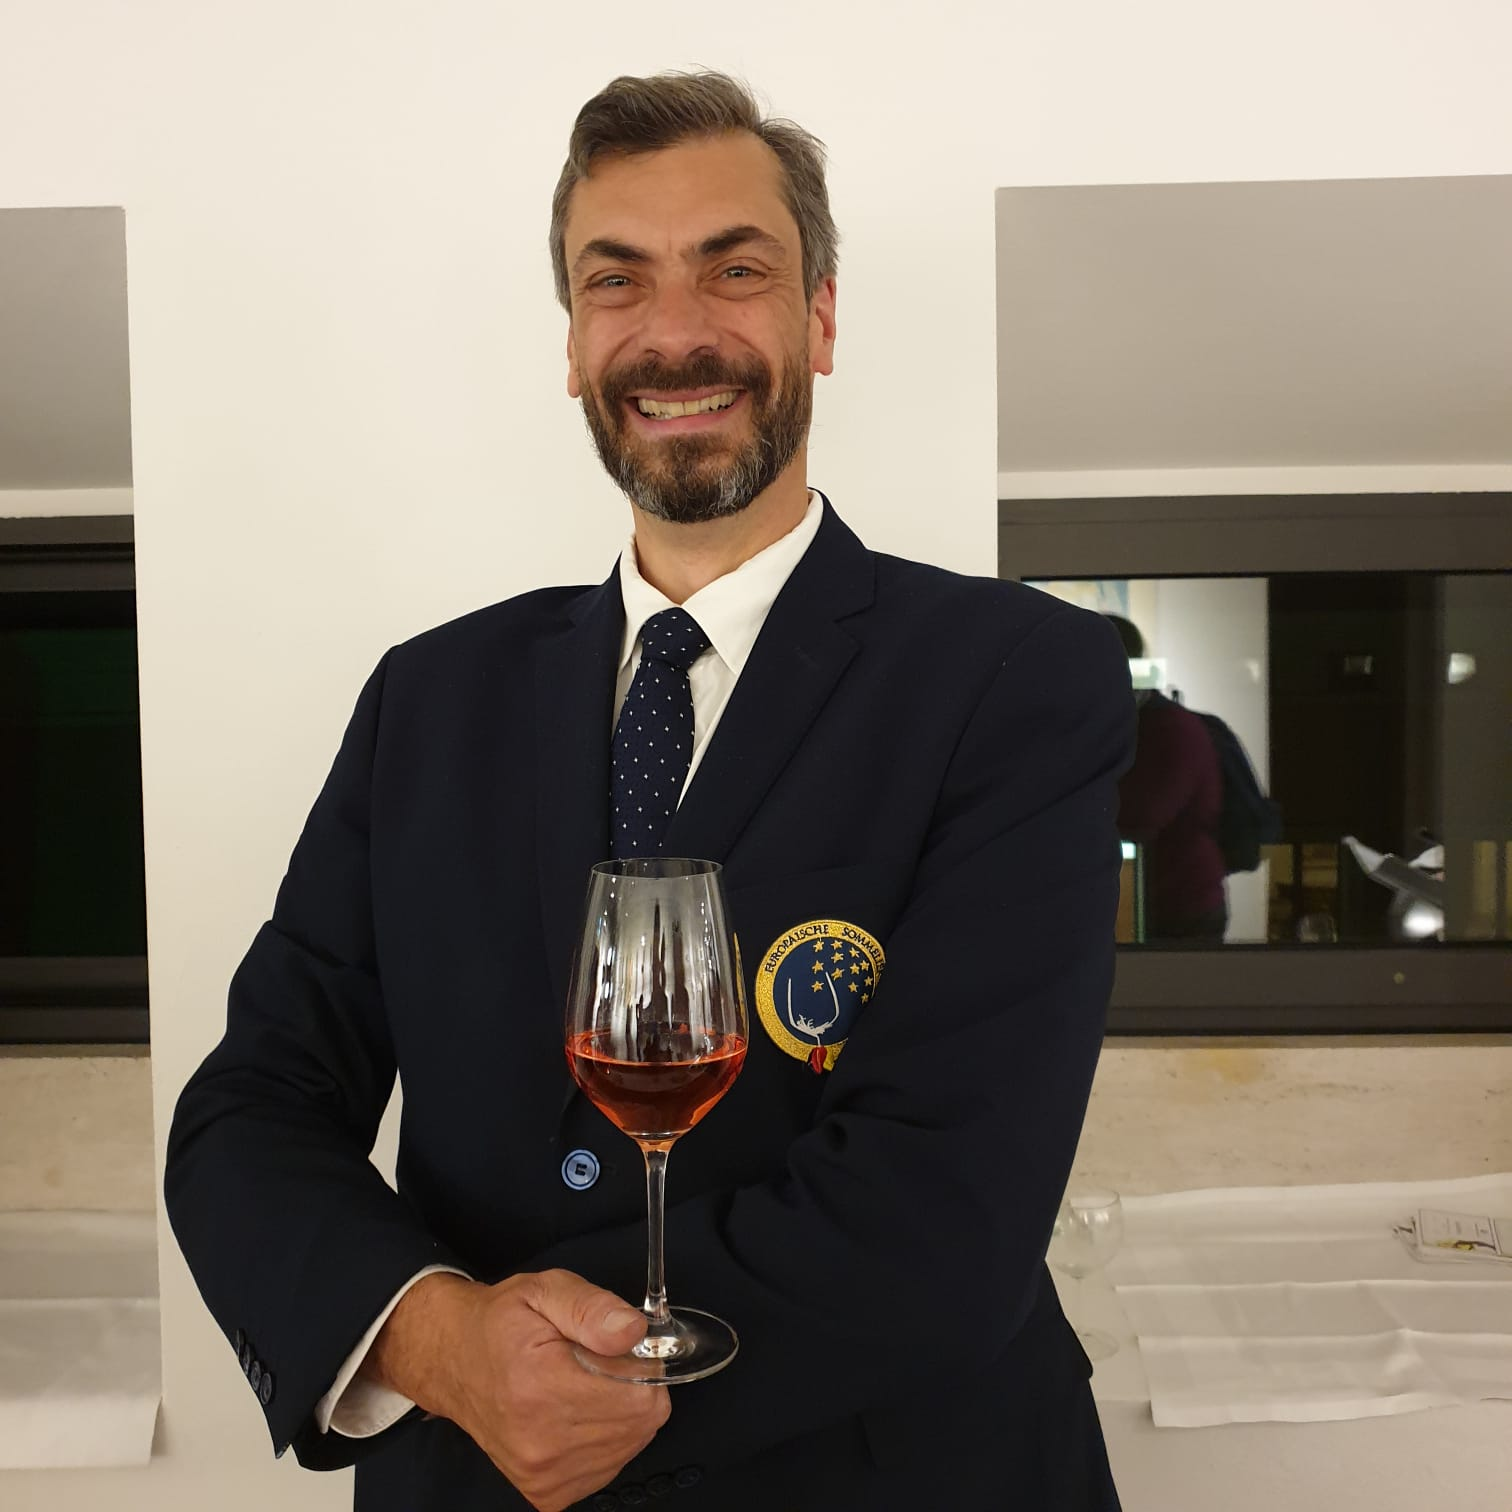 Umberto Galli Zugaro